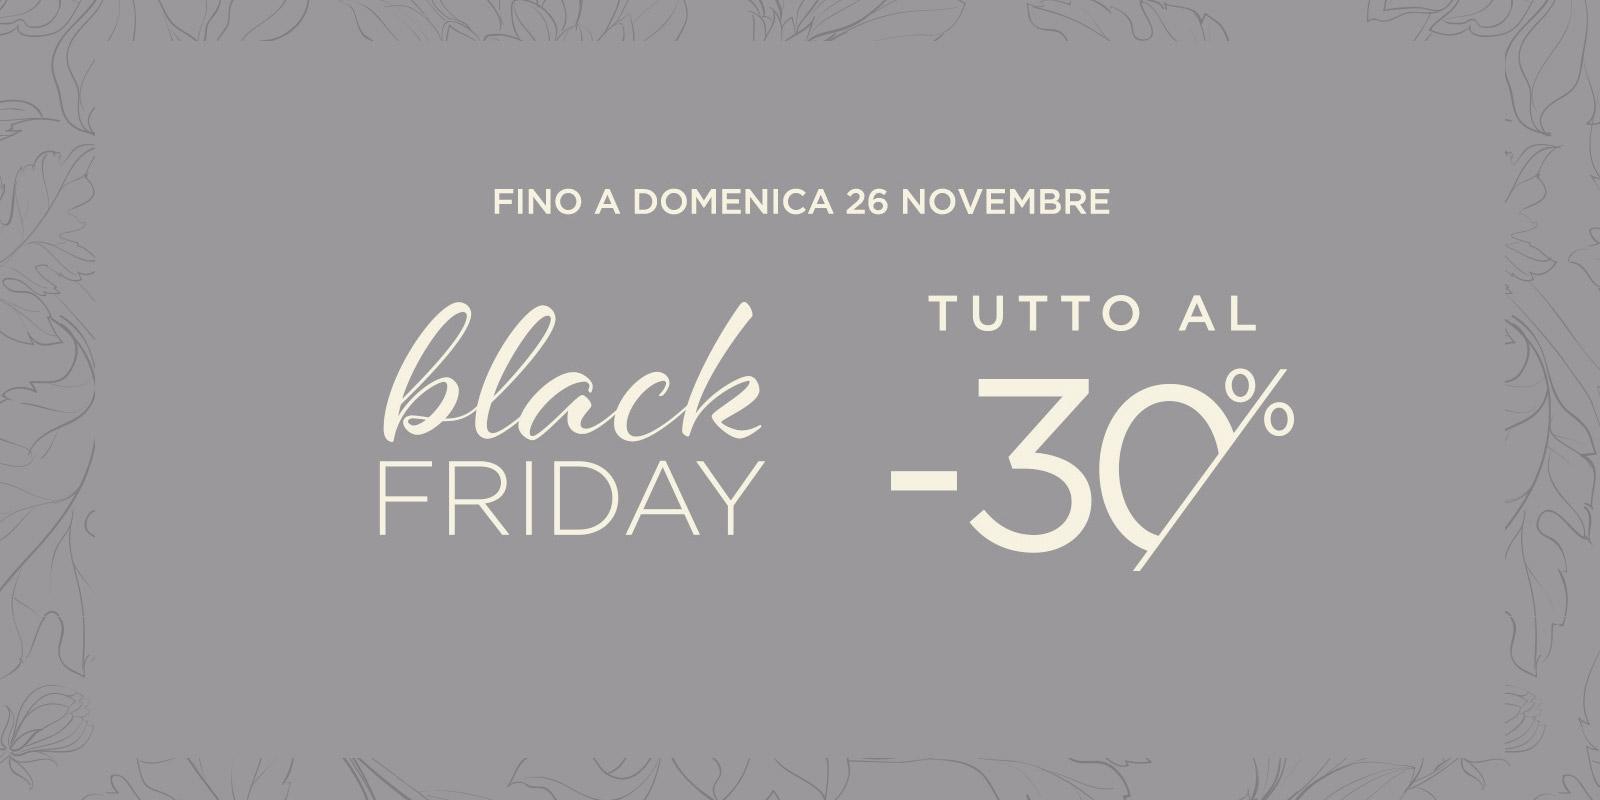 Black Friday: tutto al -30% fino a domenica 26 novembre